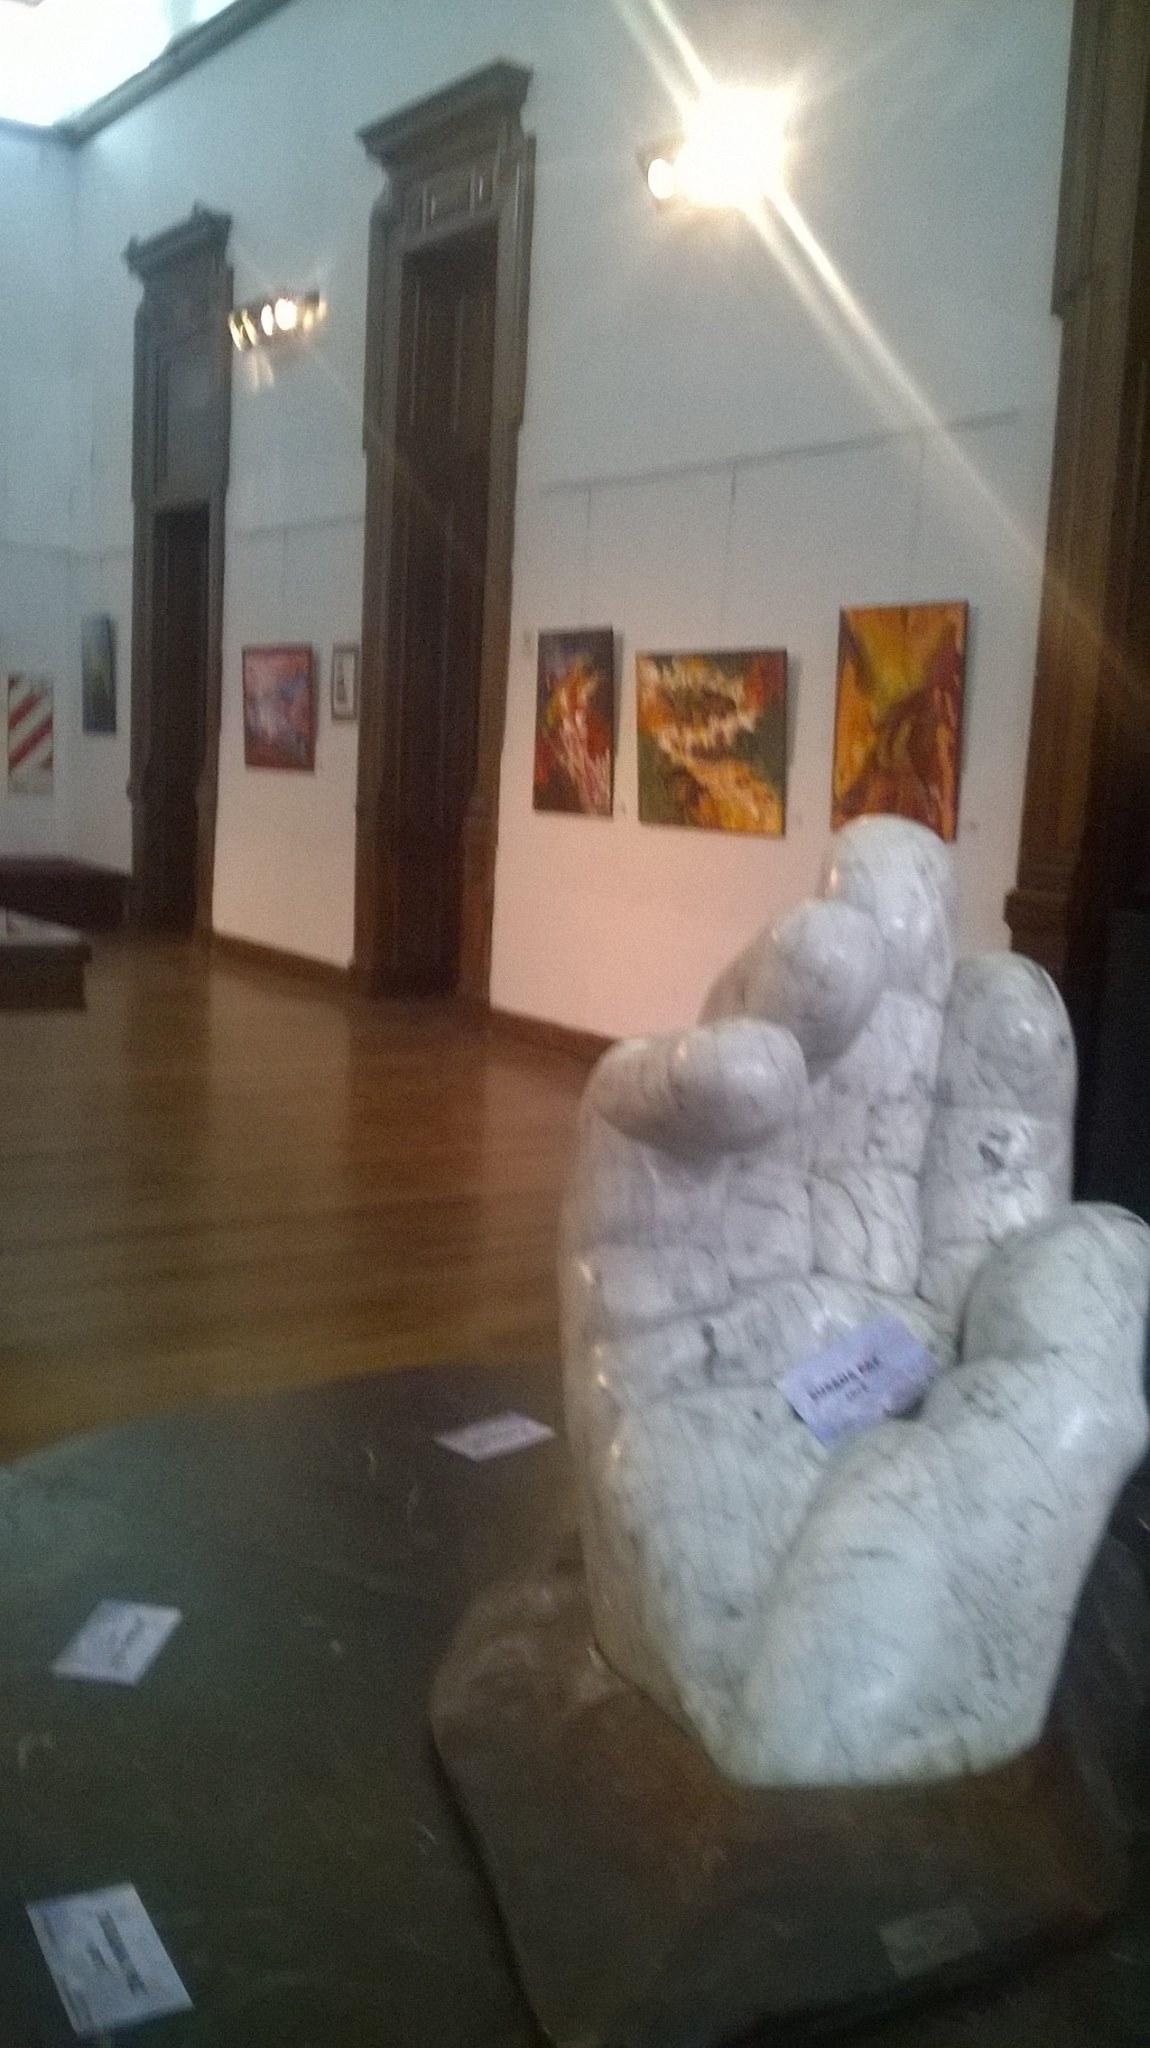 Centro cultural Barracas al Sud - Centro Cultural Barracas al Sud